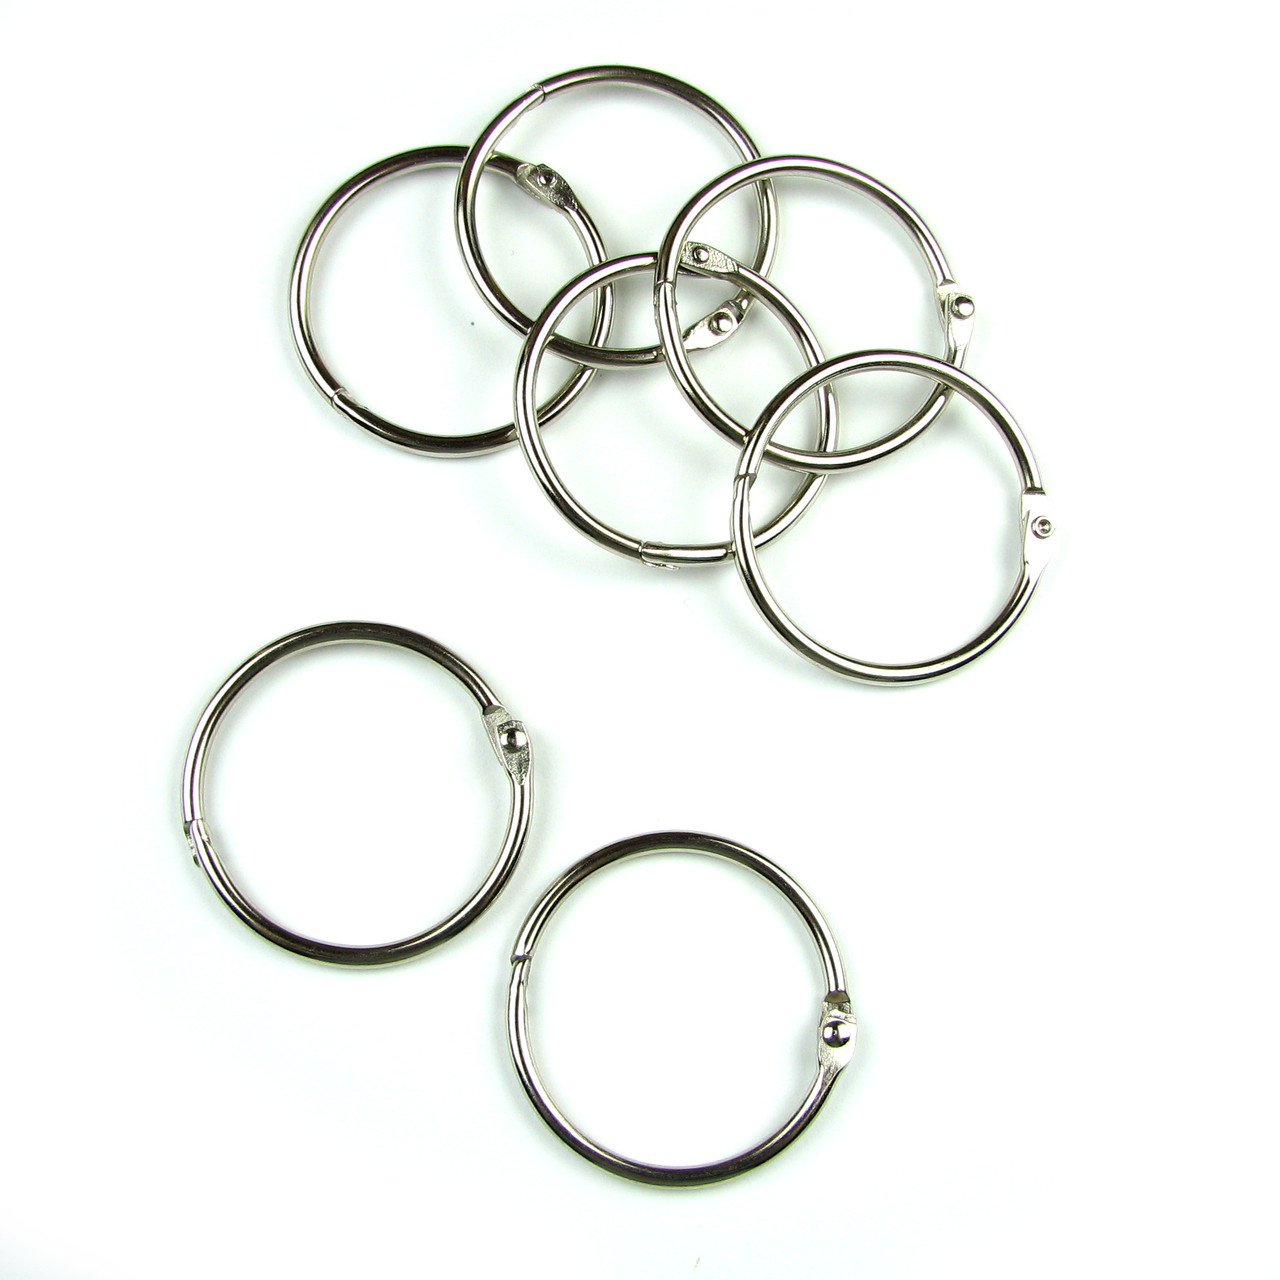 Кольца для альбомов, серебро 45мм 2шт в наборе